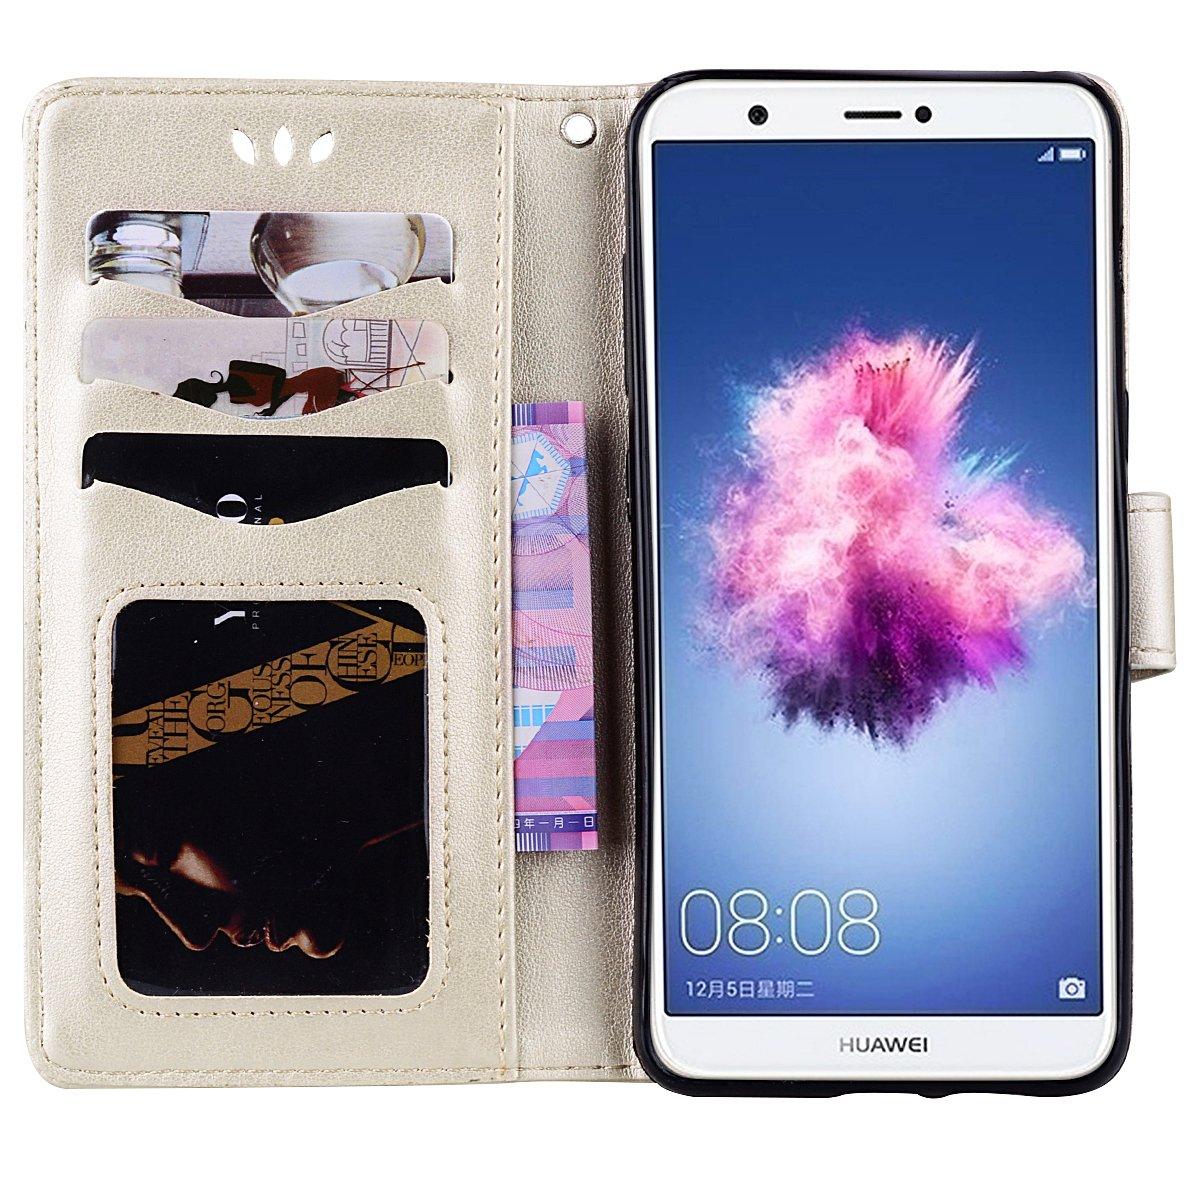 Lspcase Custoia Huawei P Smart Huawei Enjoy 7S Diamante Bling Portafoglio Cuoio di PU Pelle Flip Libro AntiGraffio Caso Cover Case per Huawei P Smart//Enjoy 7S Modello di Fiore Farfalla Oro